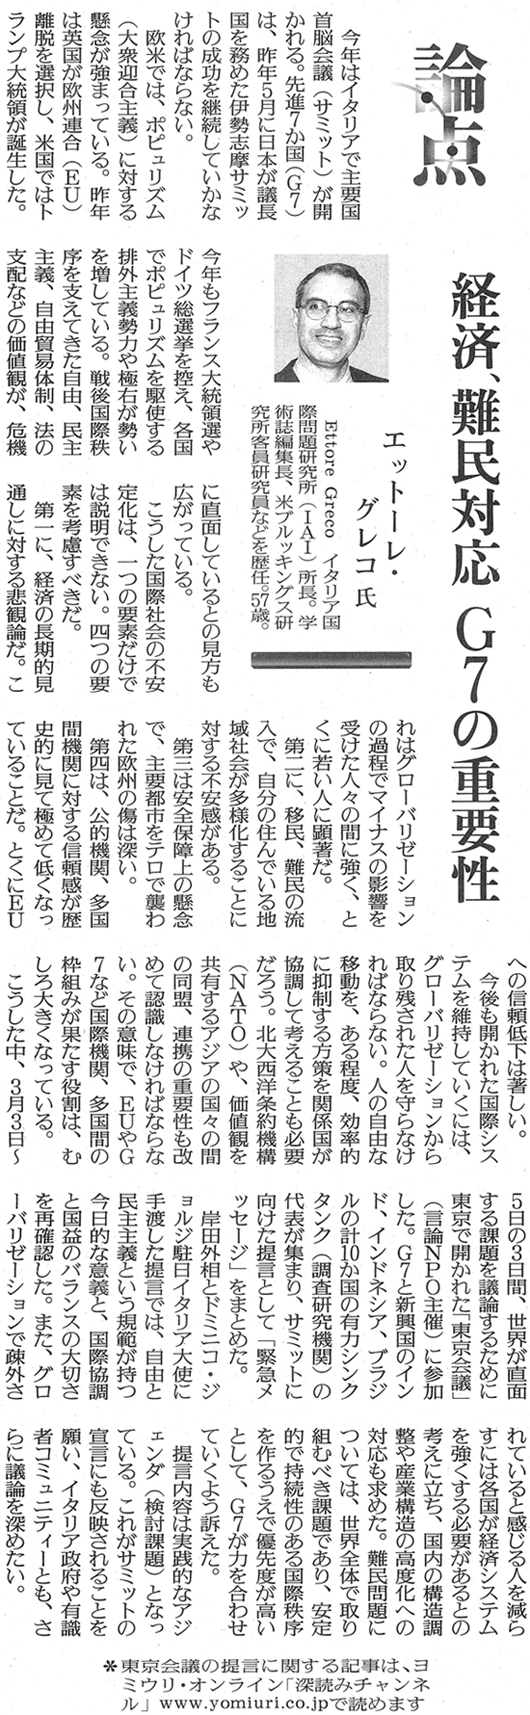 170315_yomiuri.png